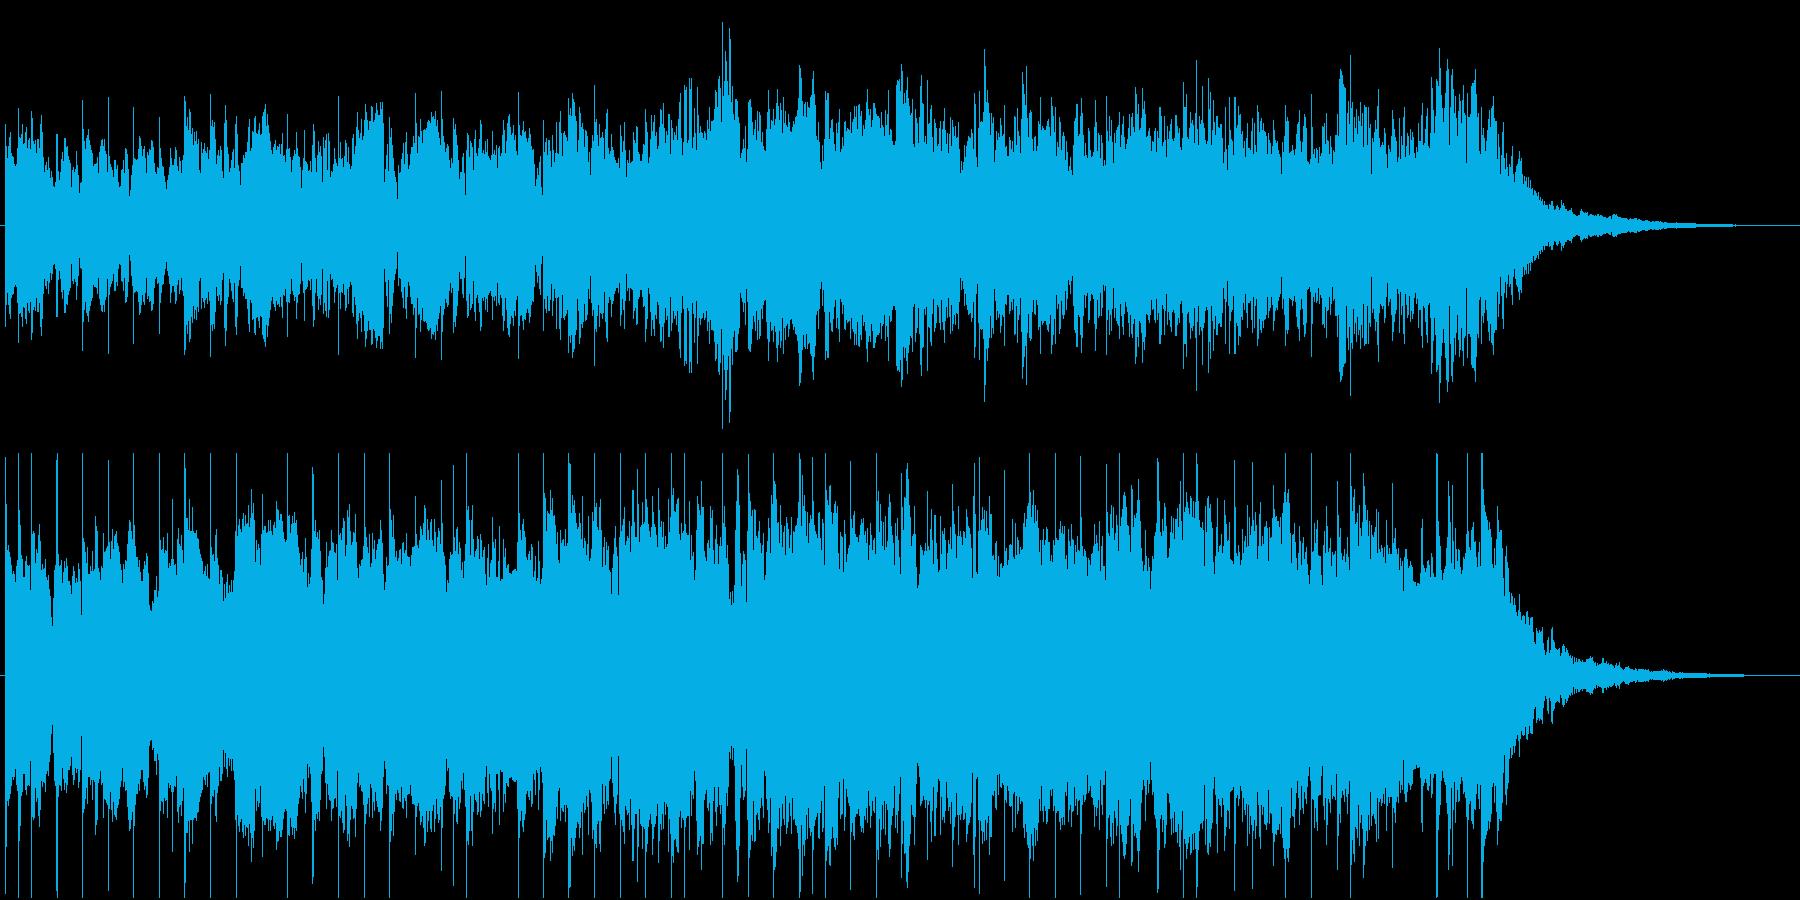 昔を懐かしむシーンの様な約30秒のBGMの再生済みの波形